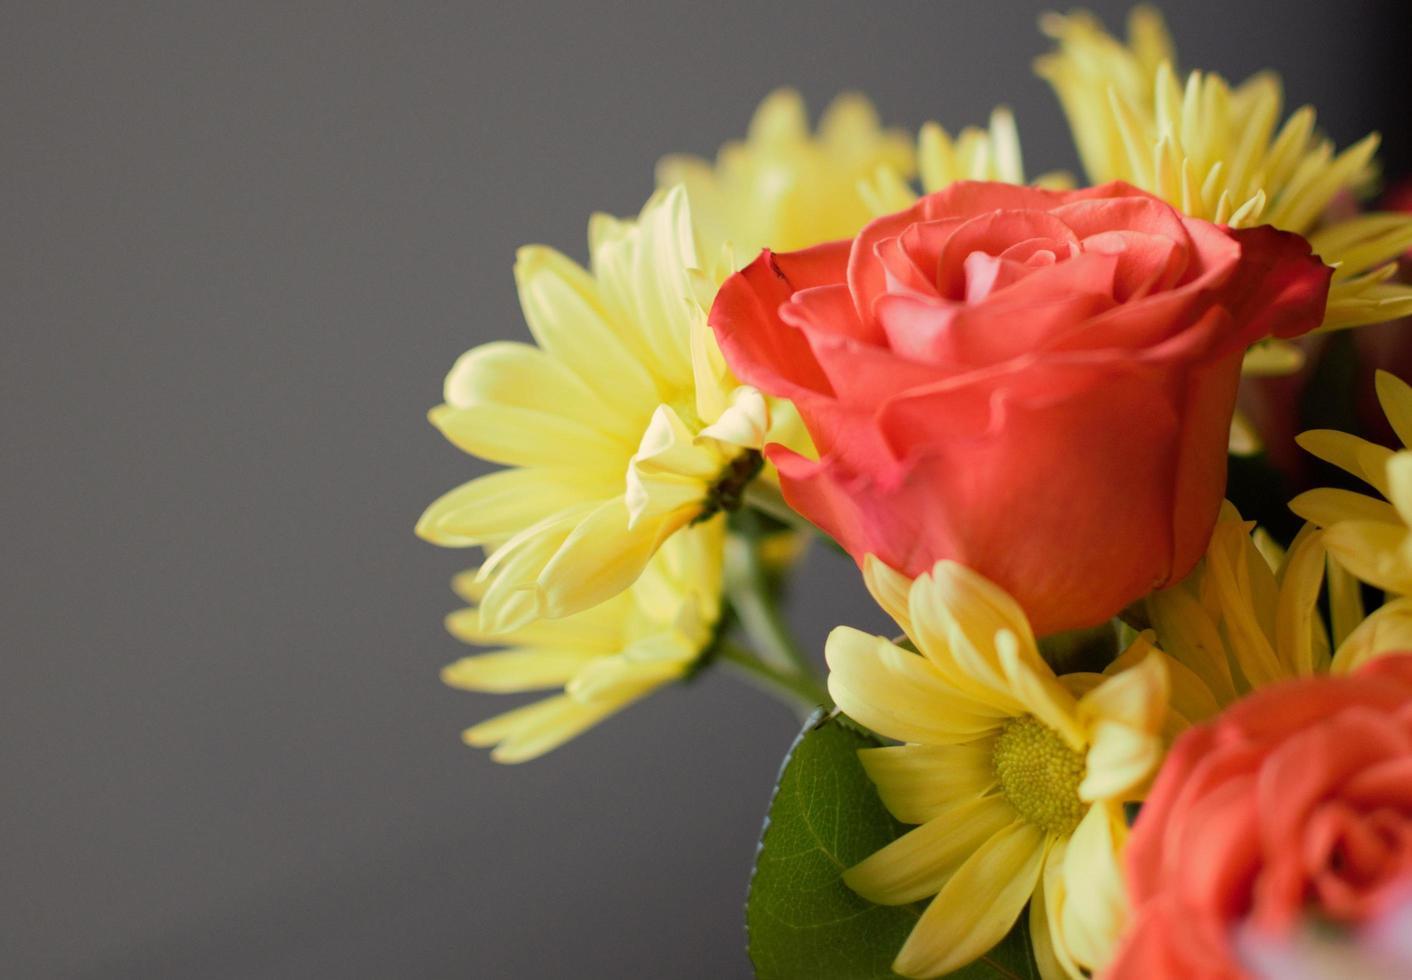 Nahaufnahme von roten und gelben Blumen foto